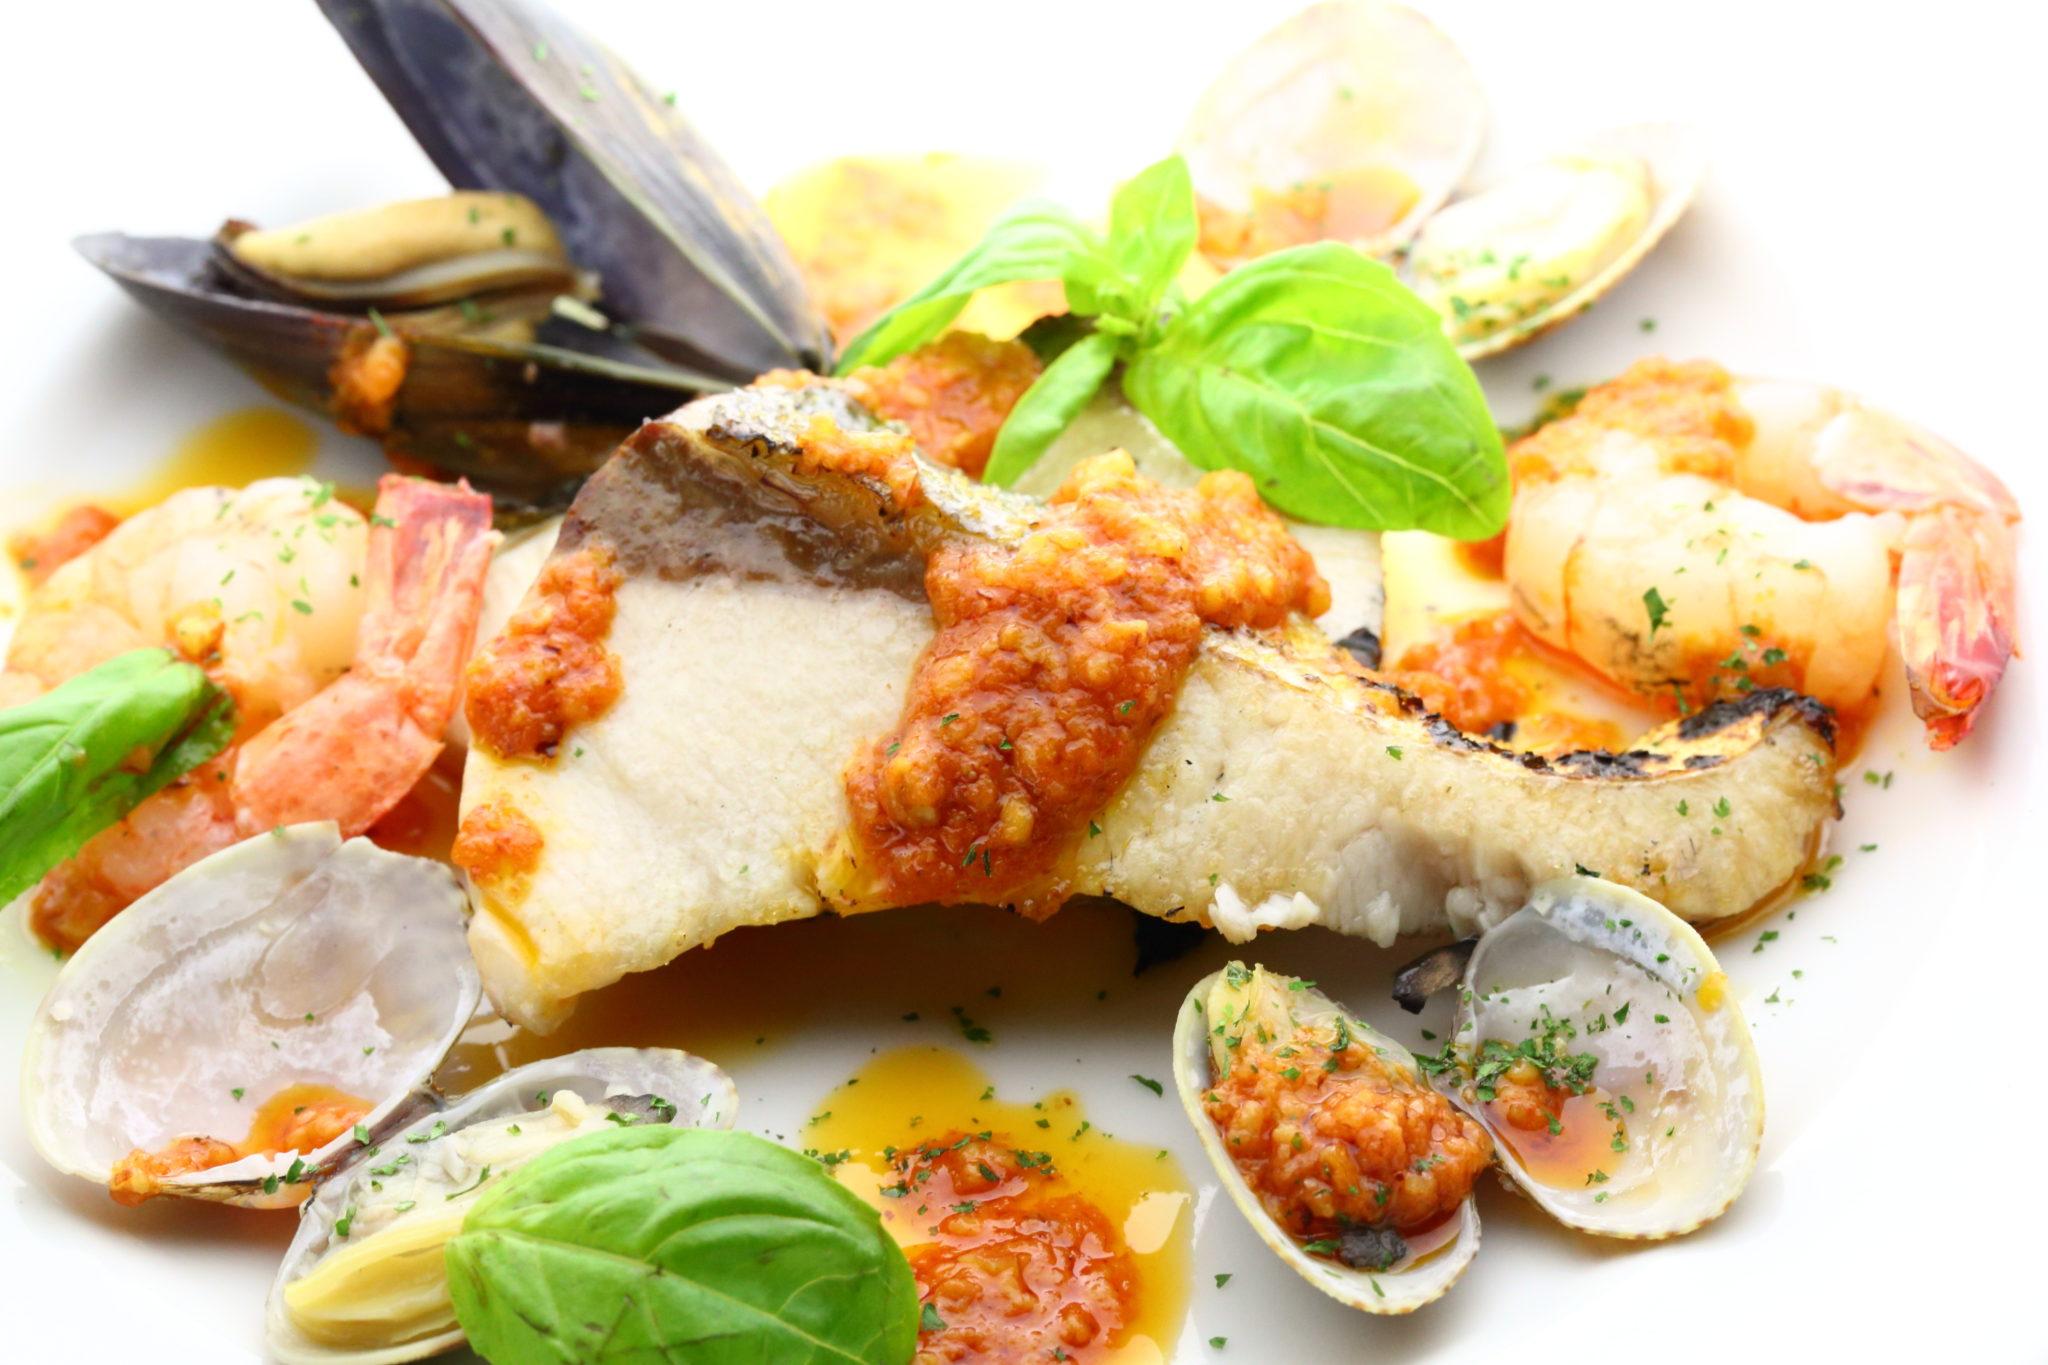 長崎県産ブリと数種魚介のオーブン焼き アーモンドが効いたロメスコソース 1200円(税込)